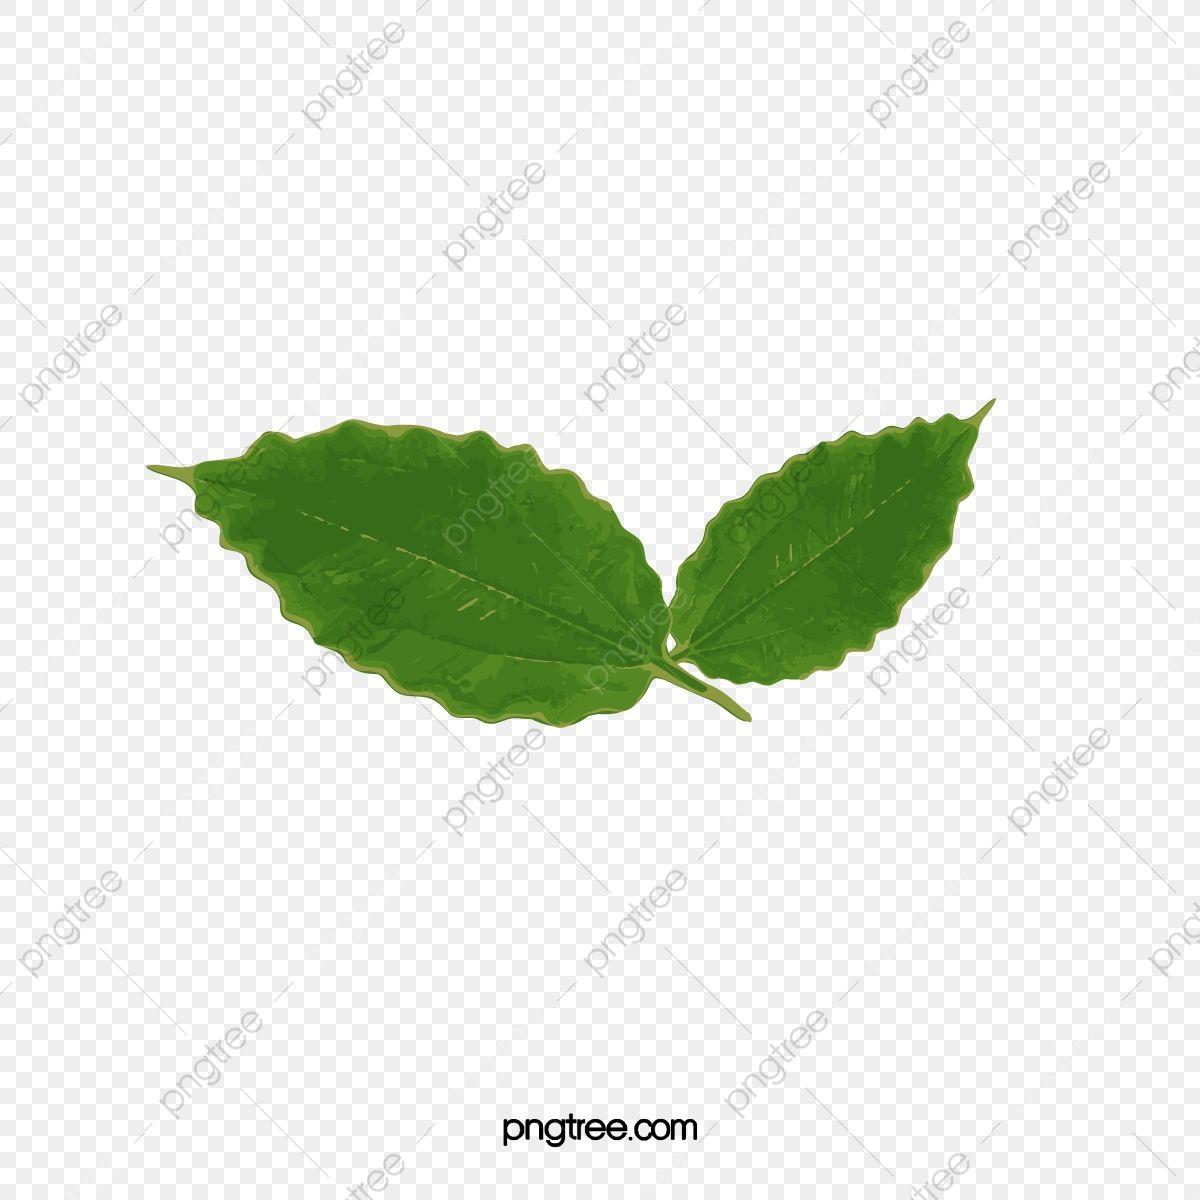 ورق الشجر يترك شريحة واحدة خطوط واضحة Png والمتجهات للتحميل مجانا Plant Leaves Leaves Foliage